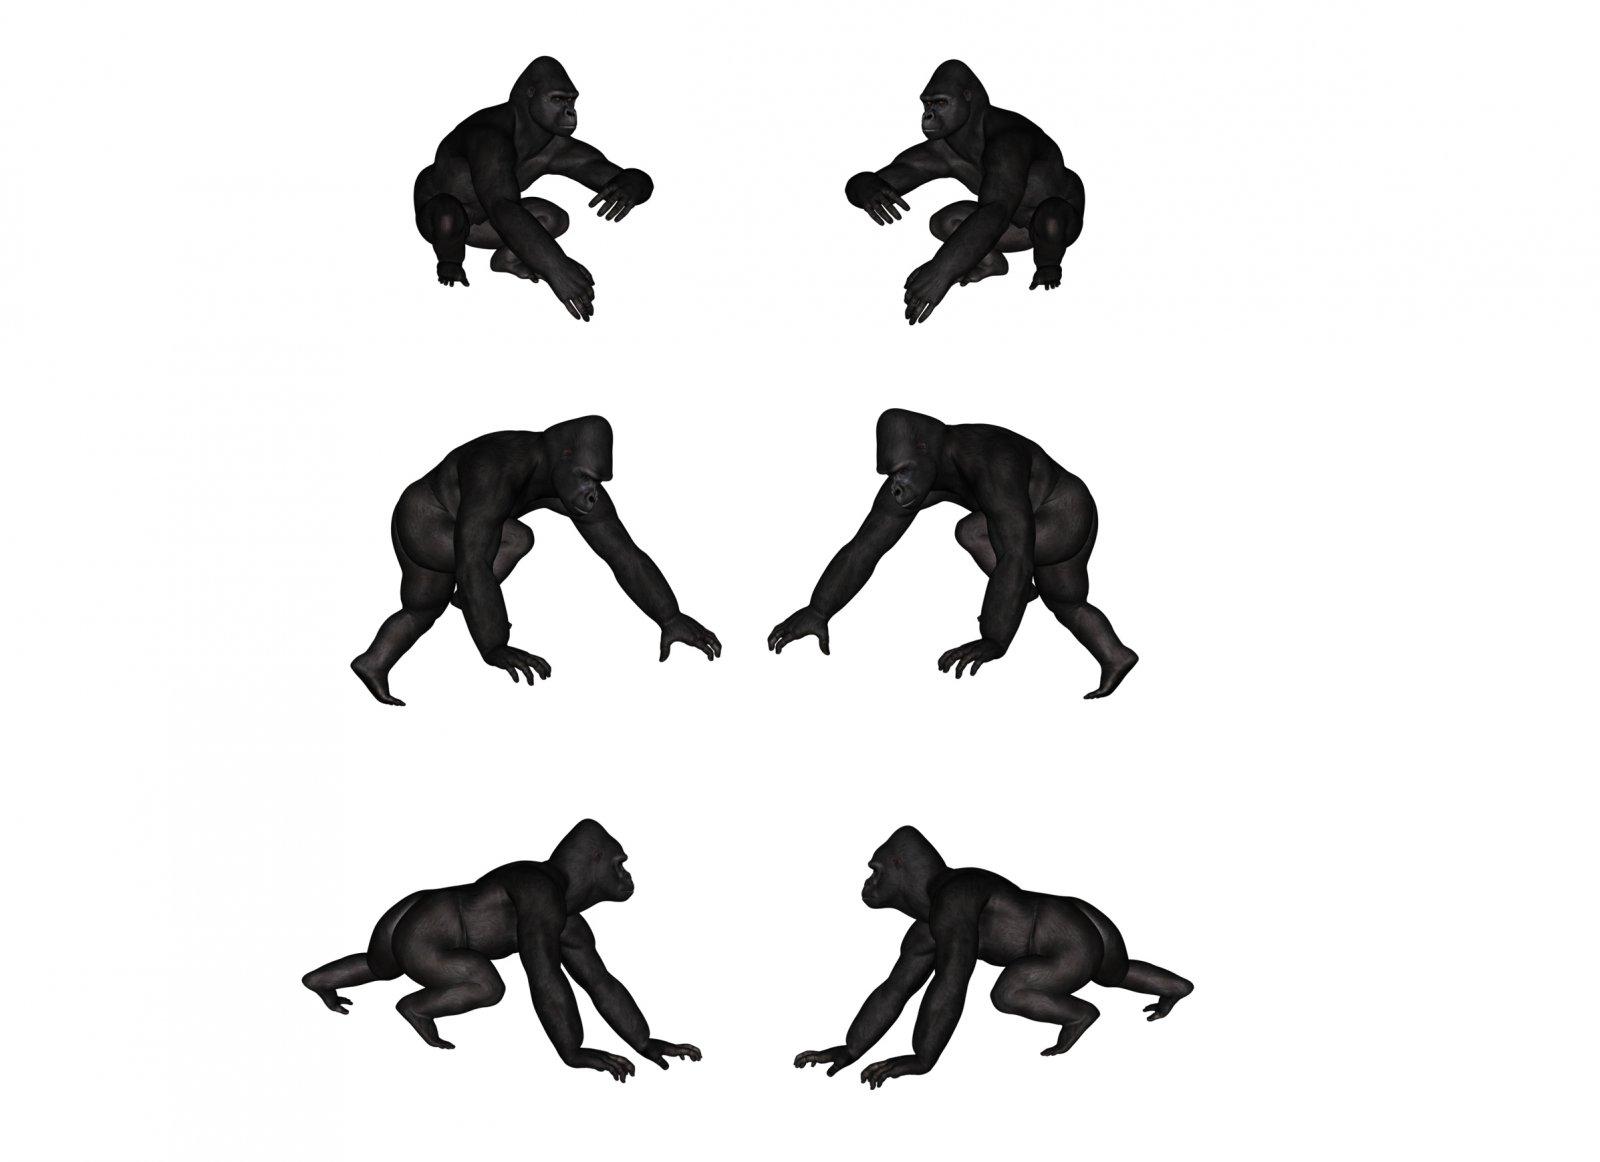 Full Poses 2.jpg